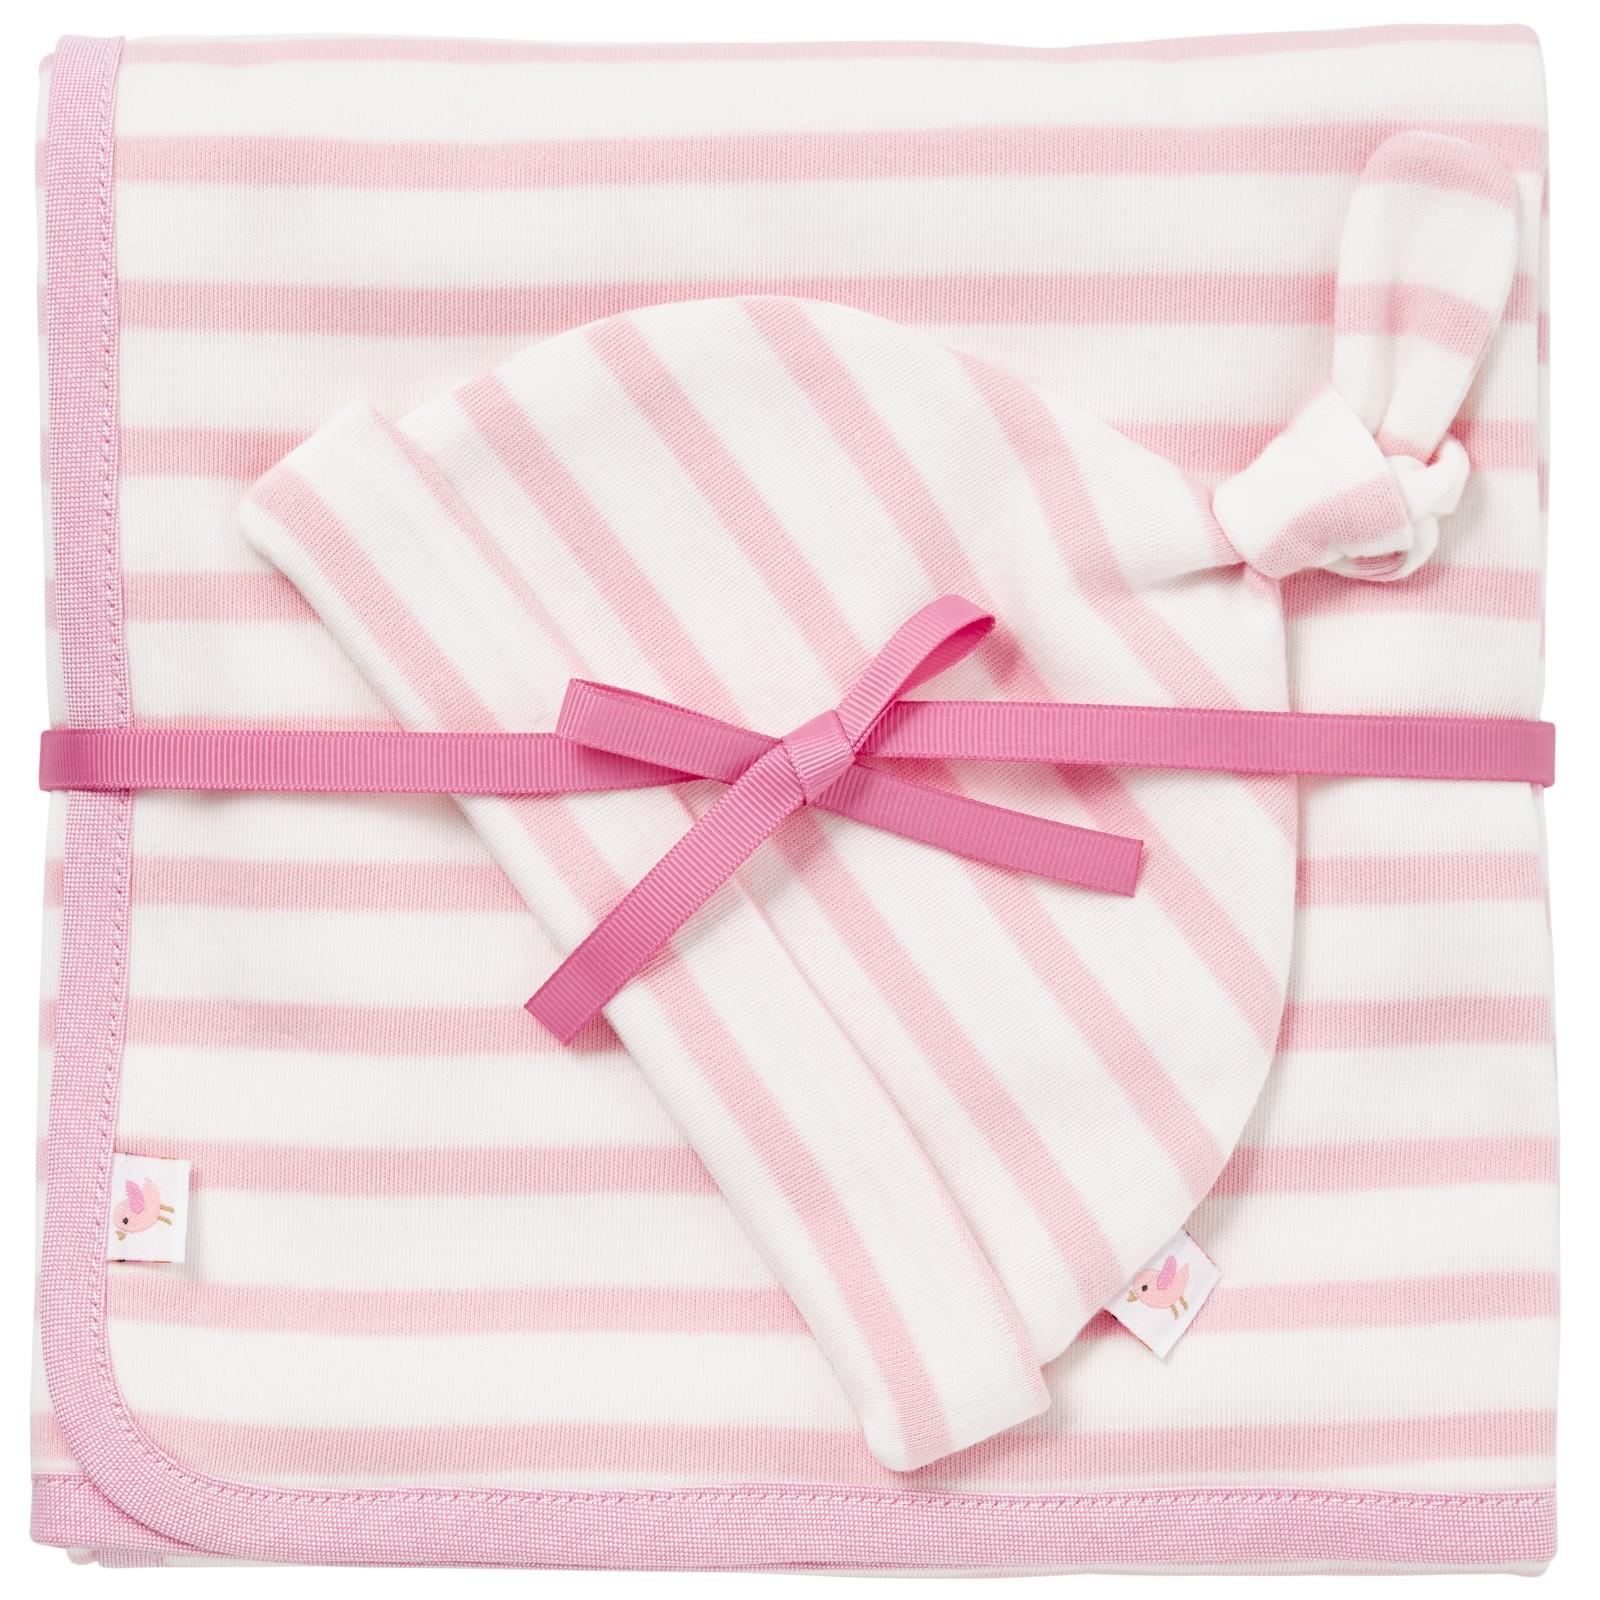 Baby Gift Set John Lewis : John lewis baby blanket and hat set pink by